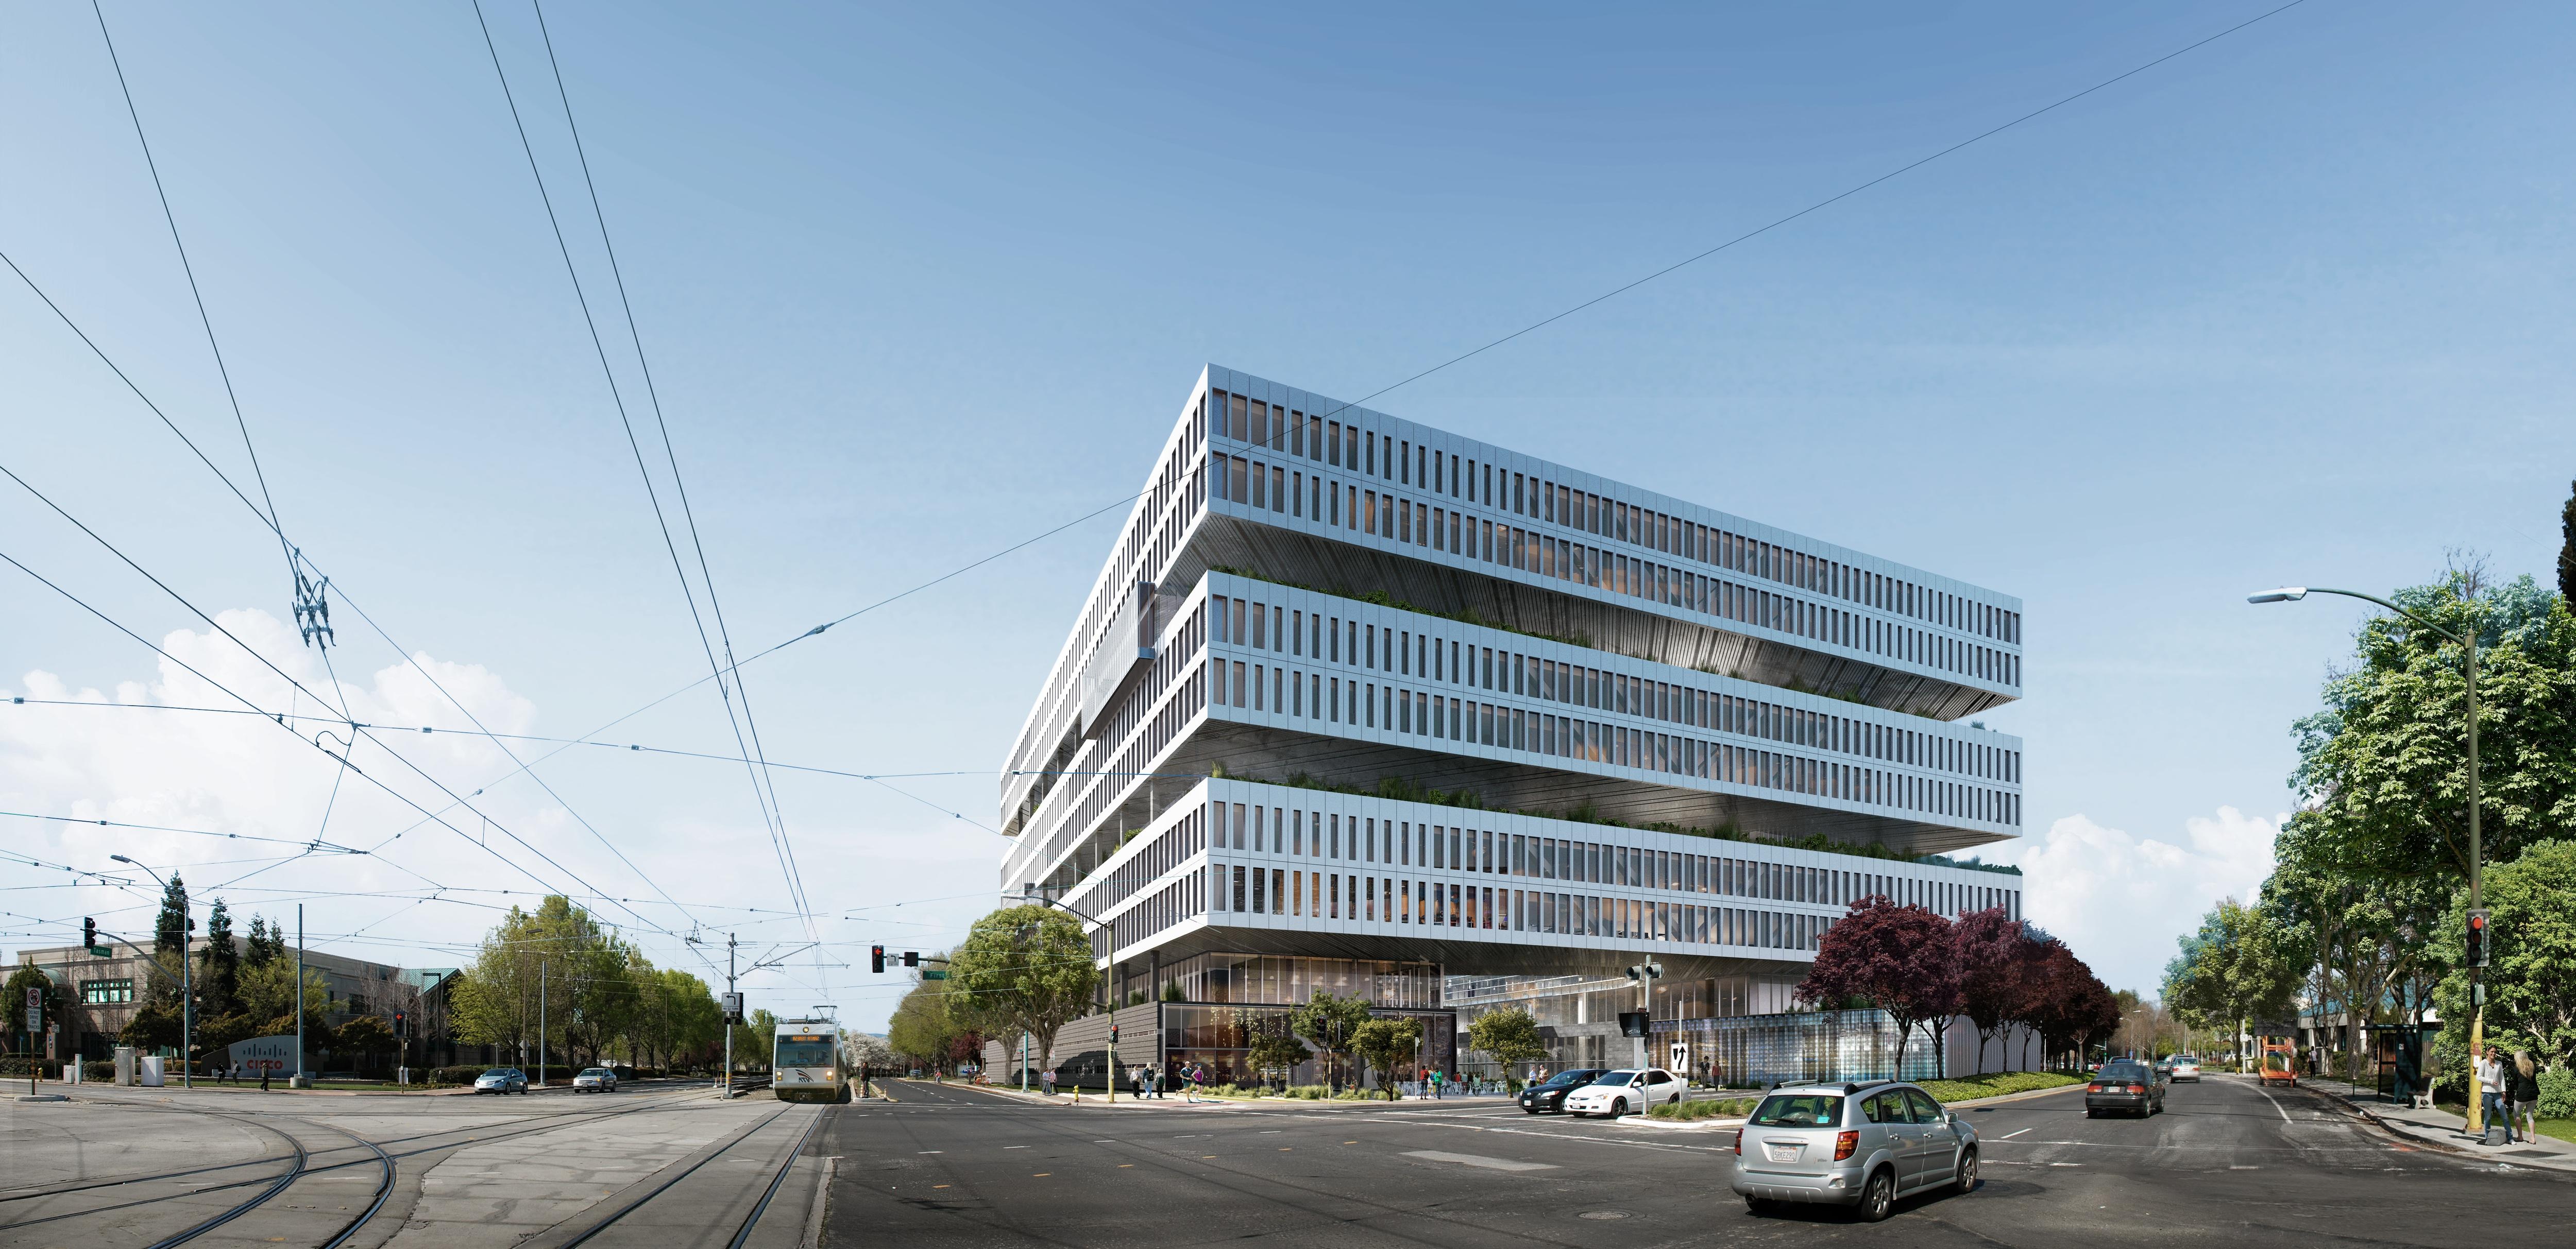 Một vài hình ảnh về quá trình xây dựng trụ sở của Samsung tại Mỹ: